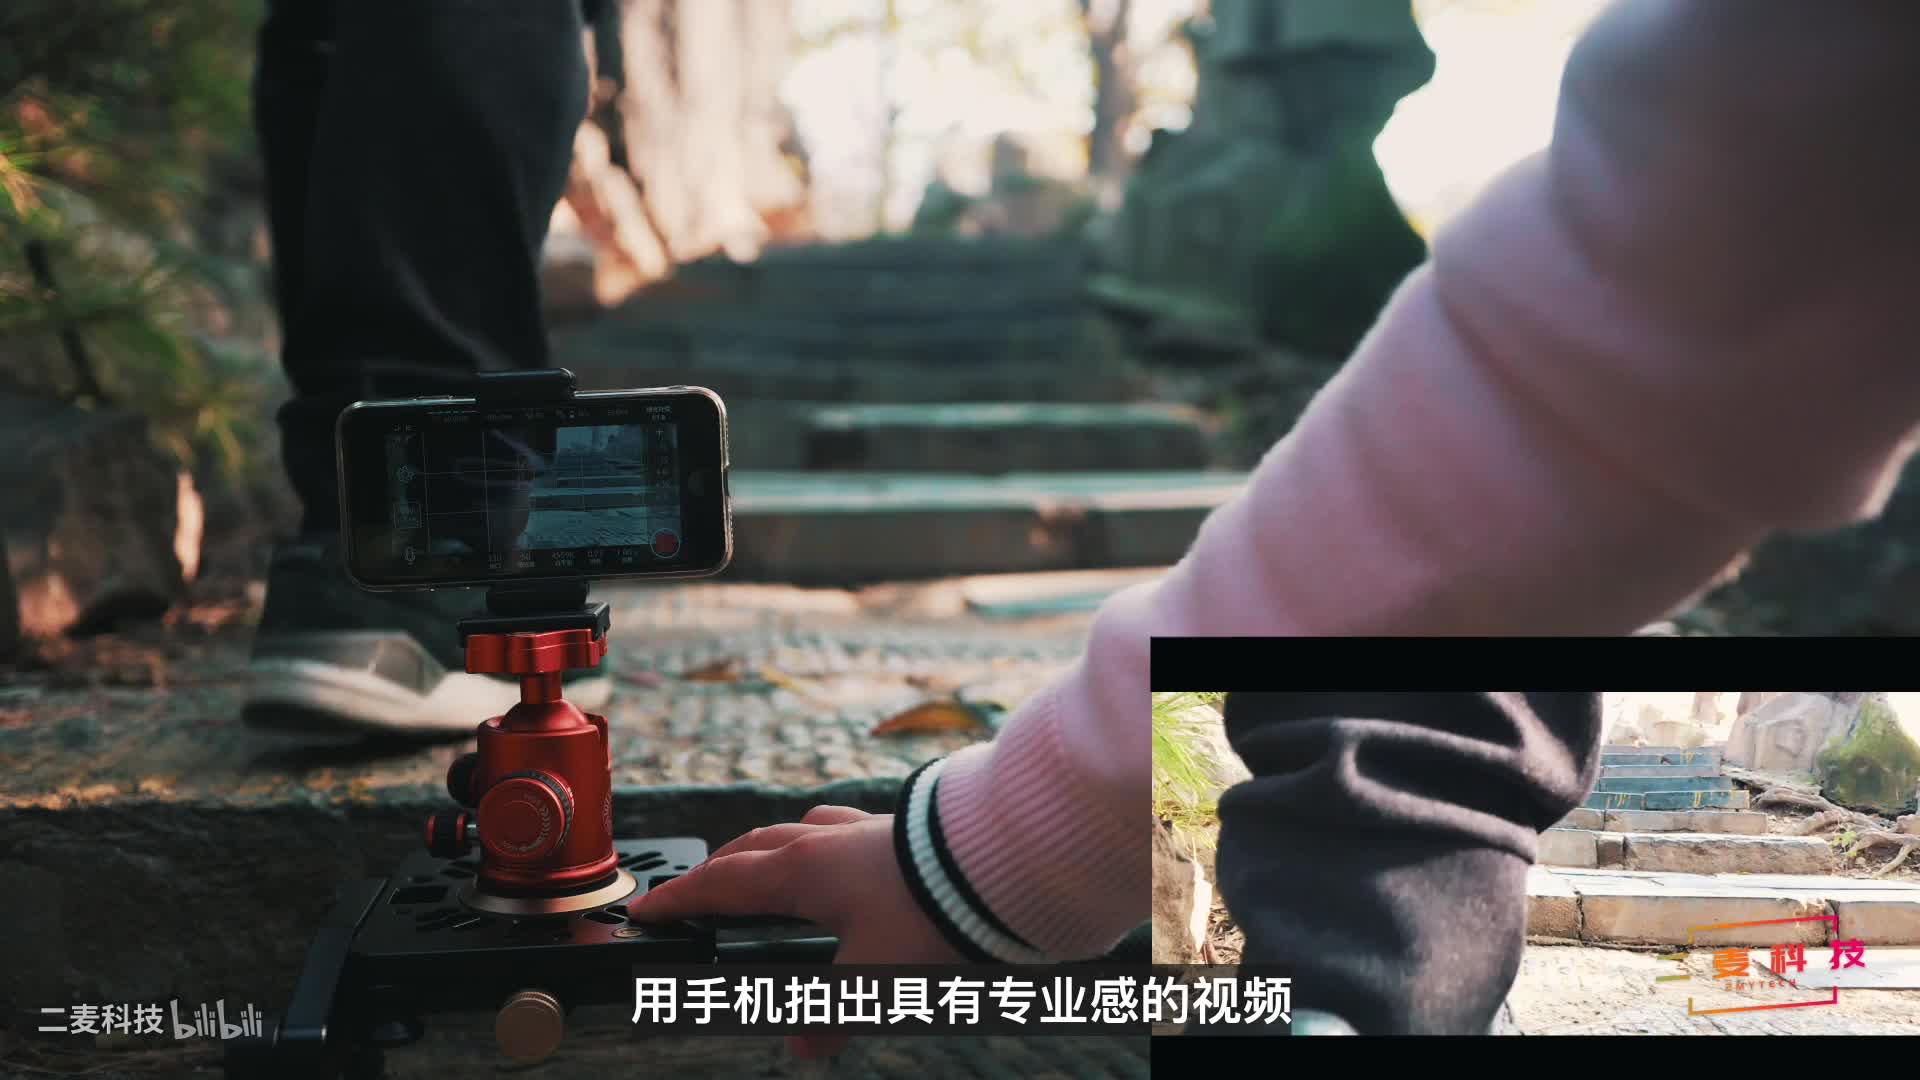 手机摄影|手机拍视频简单高效的五镜头拍摄法